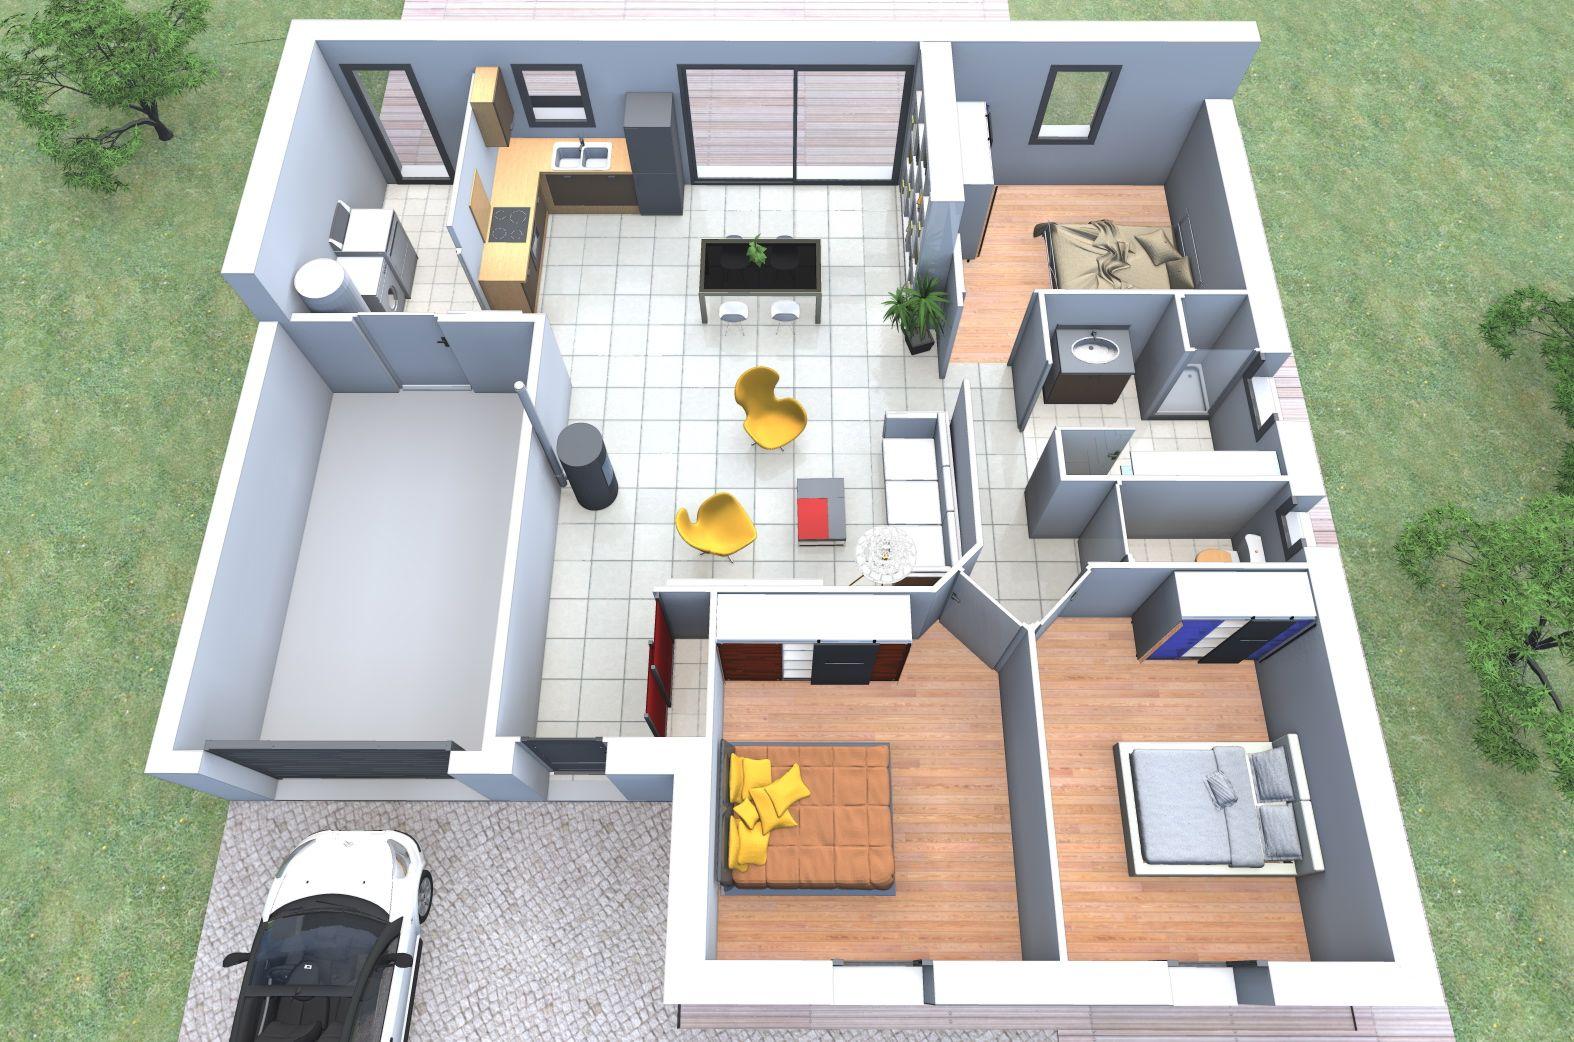 Maison Valtéa vous propose une vue aérienne 3d de son modèle de maison en L : Mona ...